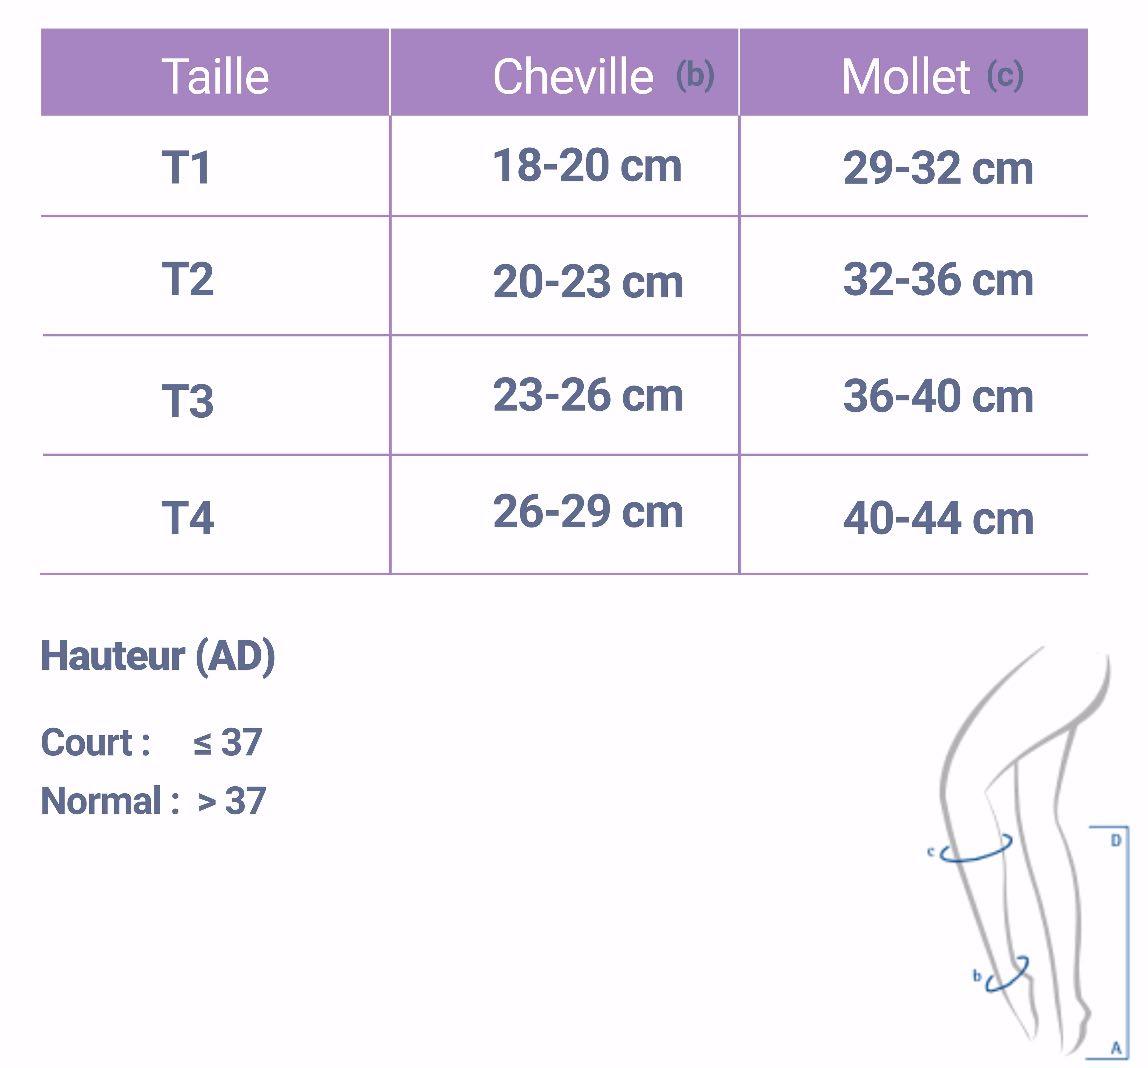 tableau de taille des chaussettes de contention ethere classe 3 varisan